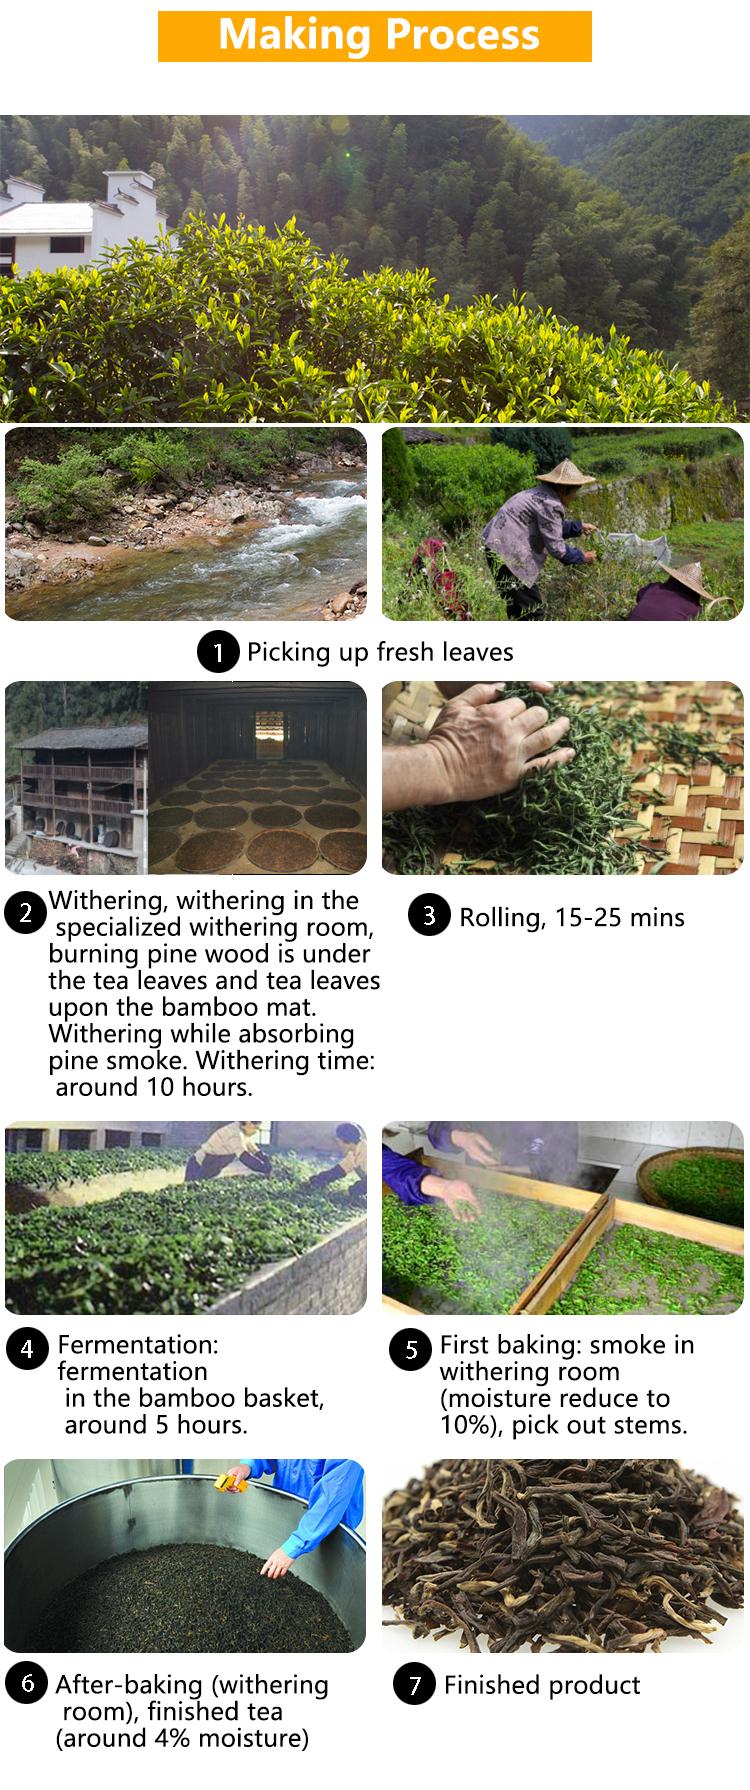 Bán buôn Toàn Bộ Lá Hữu Cơ Hương Chất Lượng Cao Trung Quốc Vân Nam Cao Cấp Mùa Xuân Fengqing Chế Độ Ăn Uống Trà Đỏ/Đen Trà Tiêu Chuẩn EU